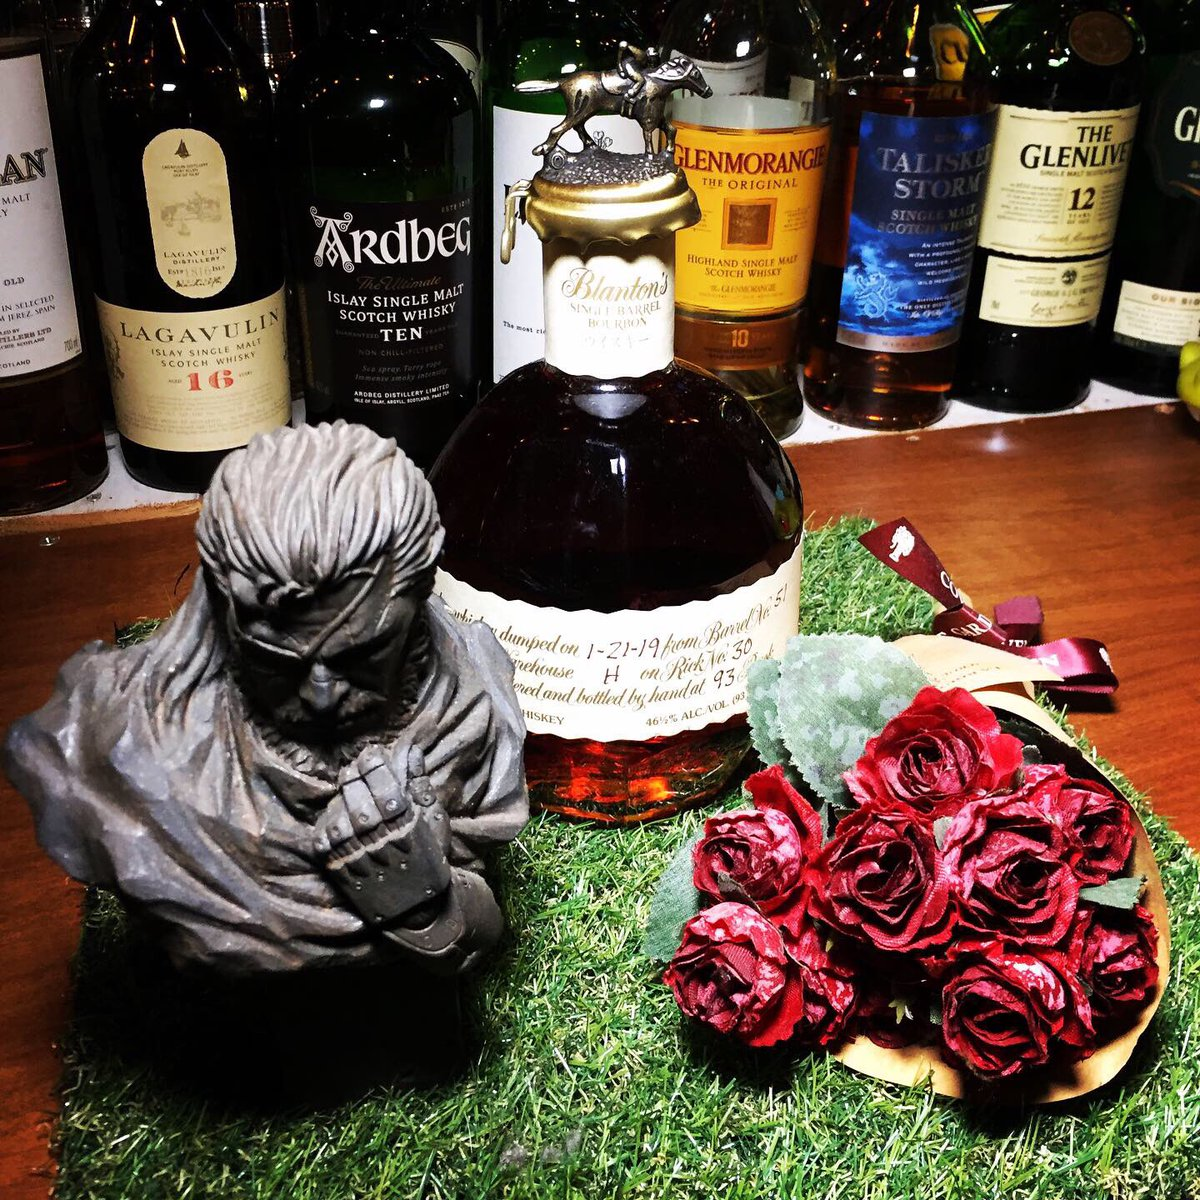 """🇺🇸新入荷🇺🇸バーボンウィスキー  🐎ブラントン🐎 「ブラントン」は""""唯一無二のバーボン""""と称される、バーボンウイスキーの代表銘柄。約8年かけて熟成された原酒を、それぞれの樽ごとに瓶詰めする「シングルバレルバーボン」であり、ケンタッキーダービーの騎手と馬を冠した印象的なキャップでも知られる"""